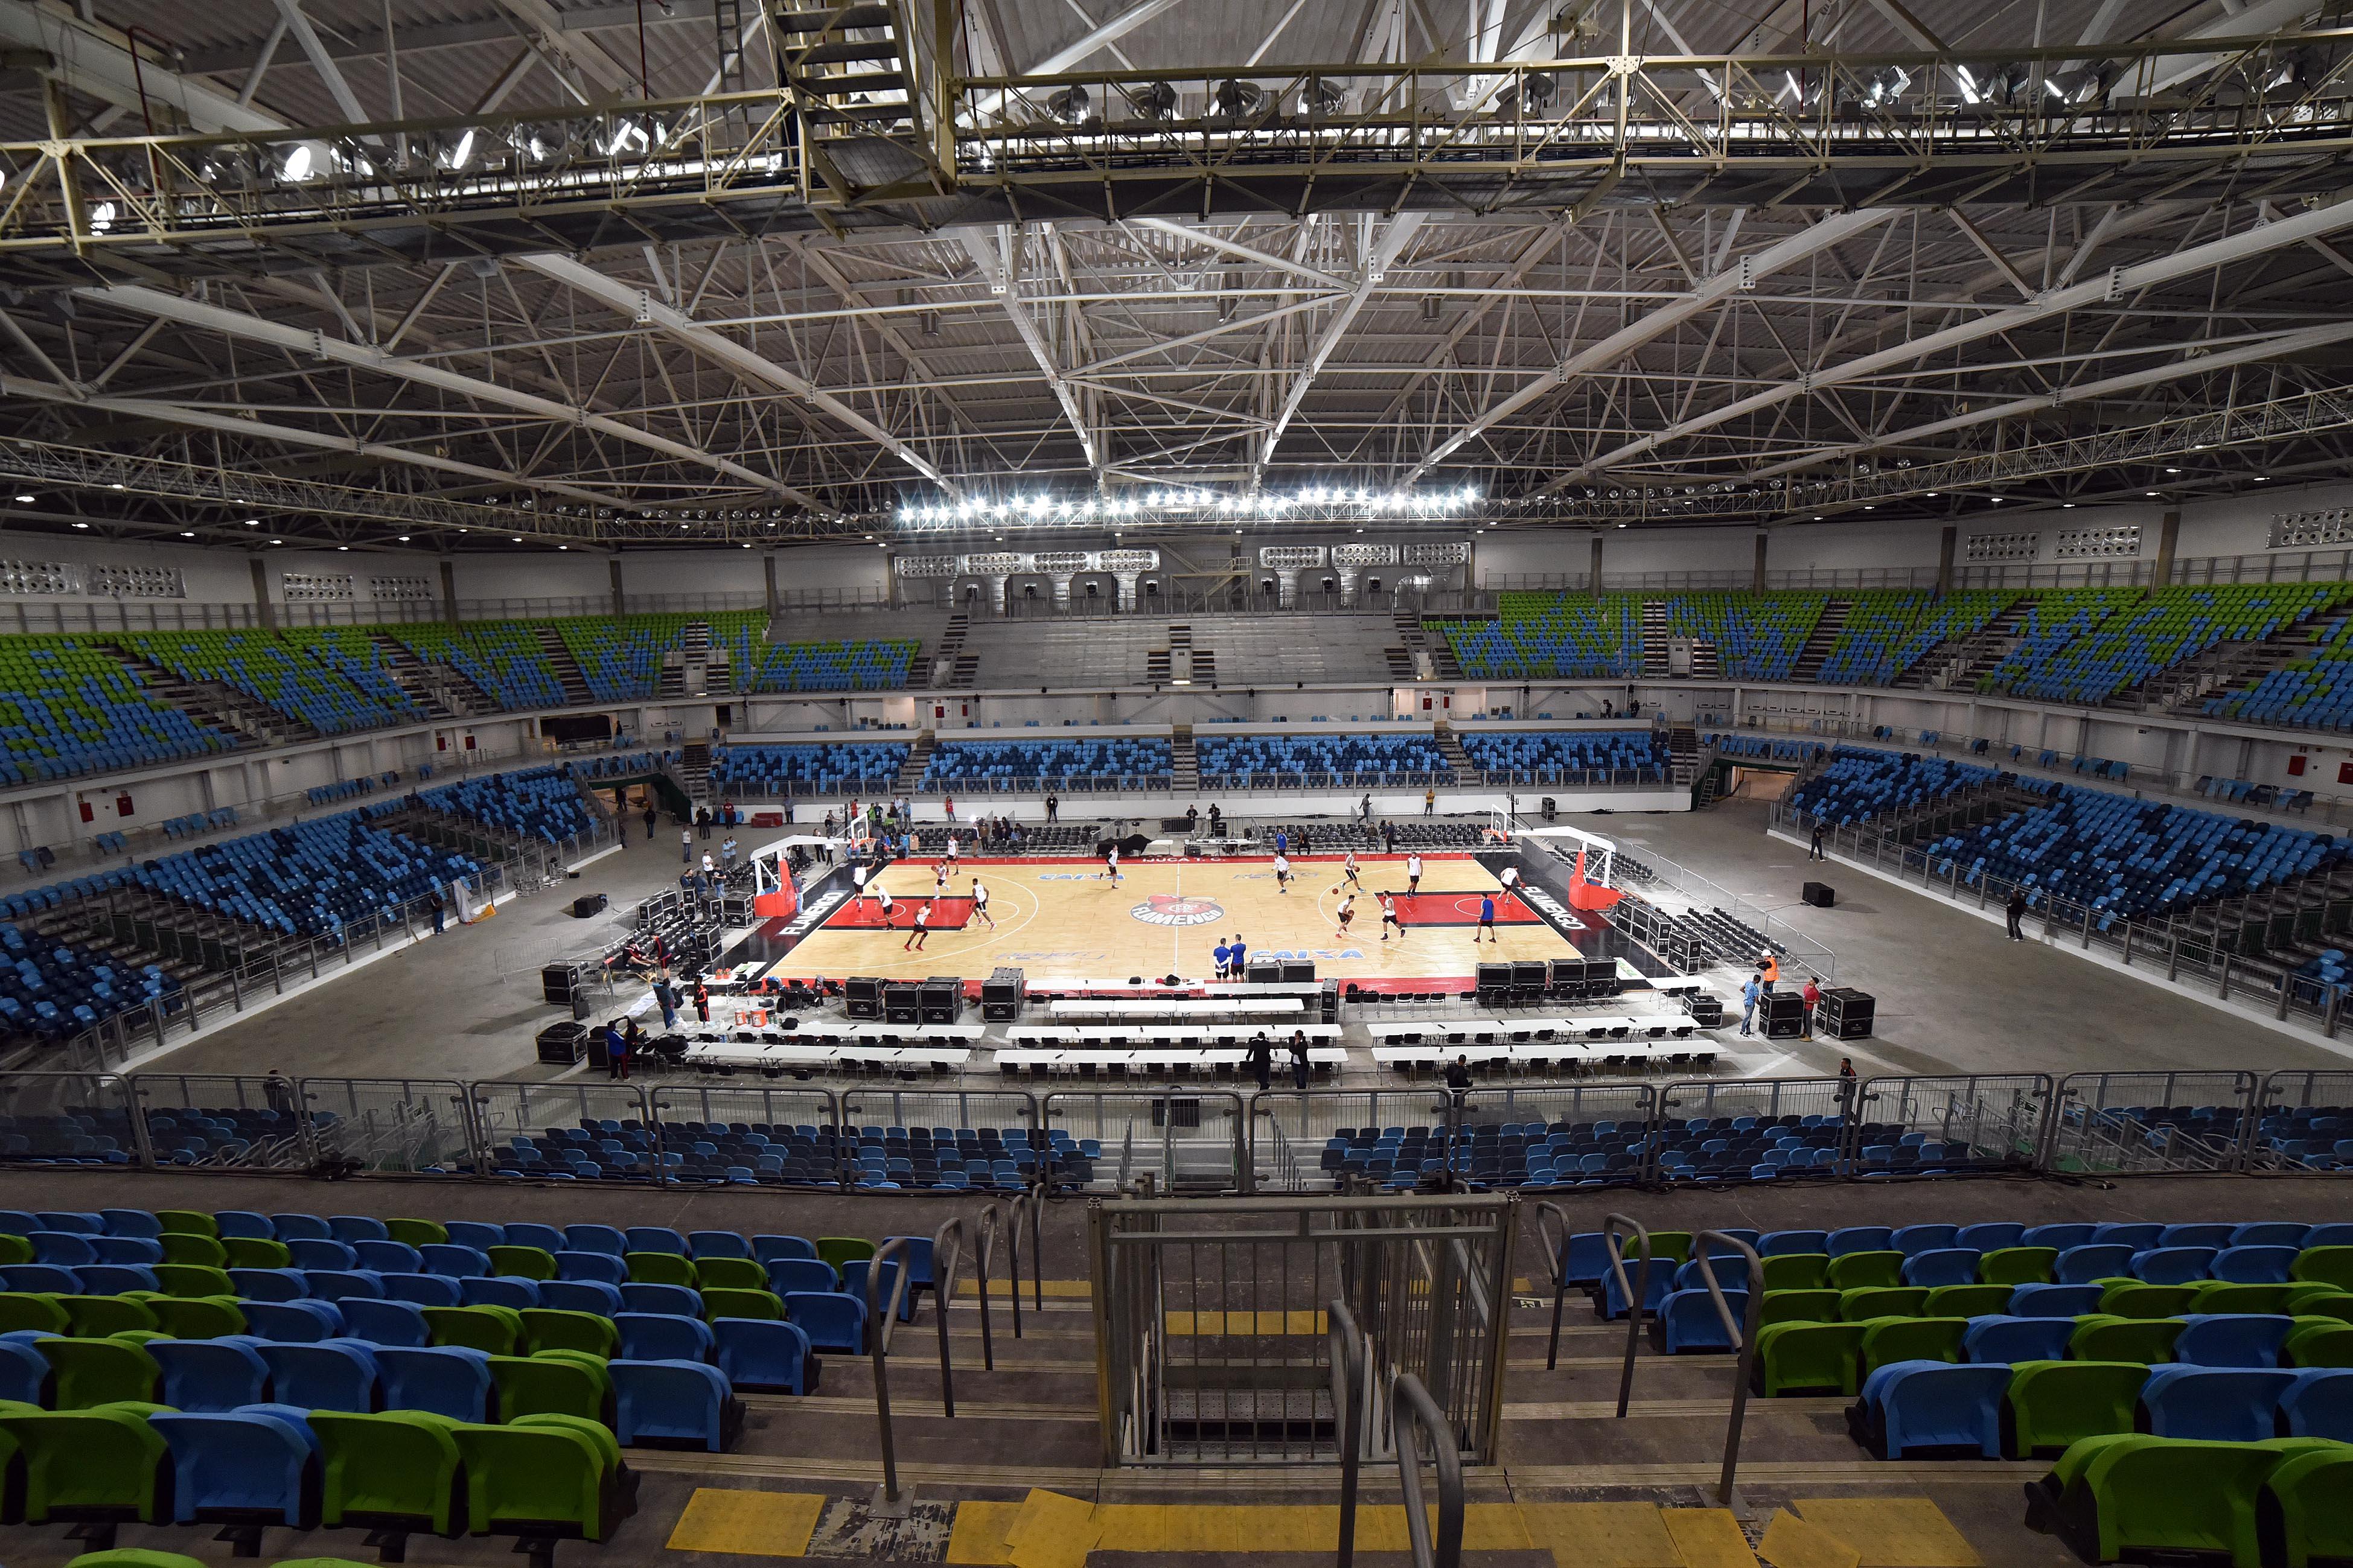 Arena Carioca 2 tem capacidade para 10.000 pessoas e será palco dos combates do judô e luta greco-romana nas Olimpíadas (João Pires/LNB)